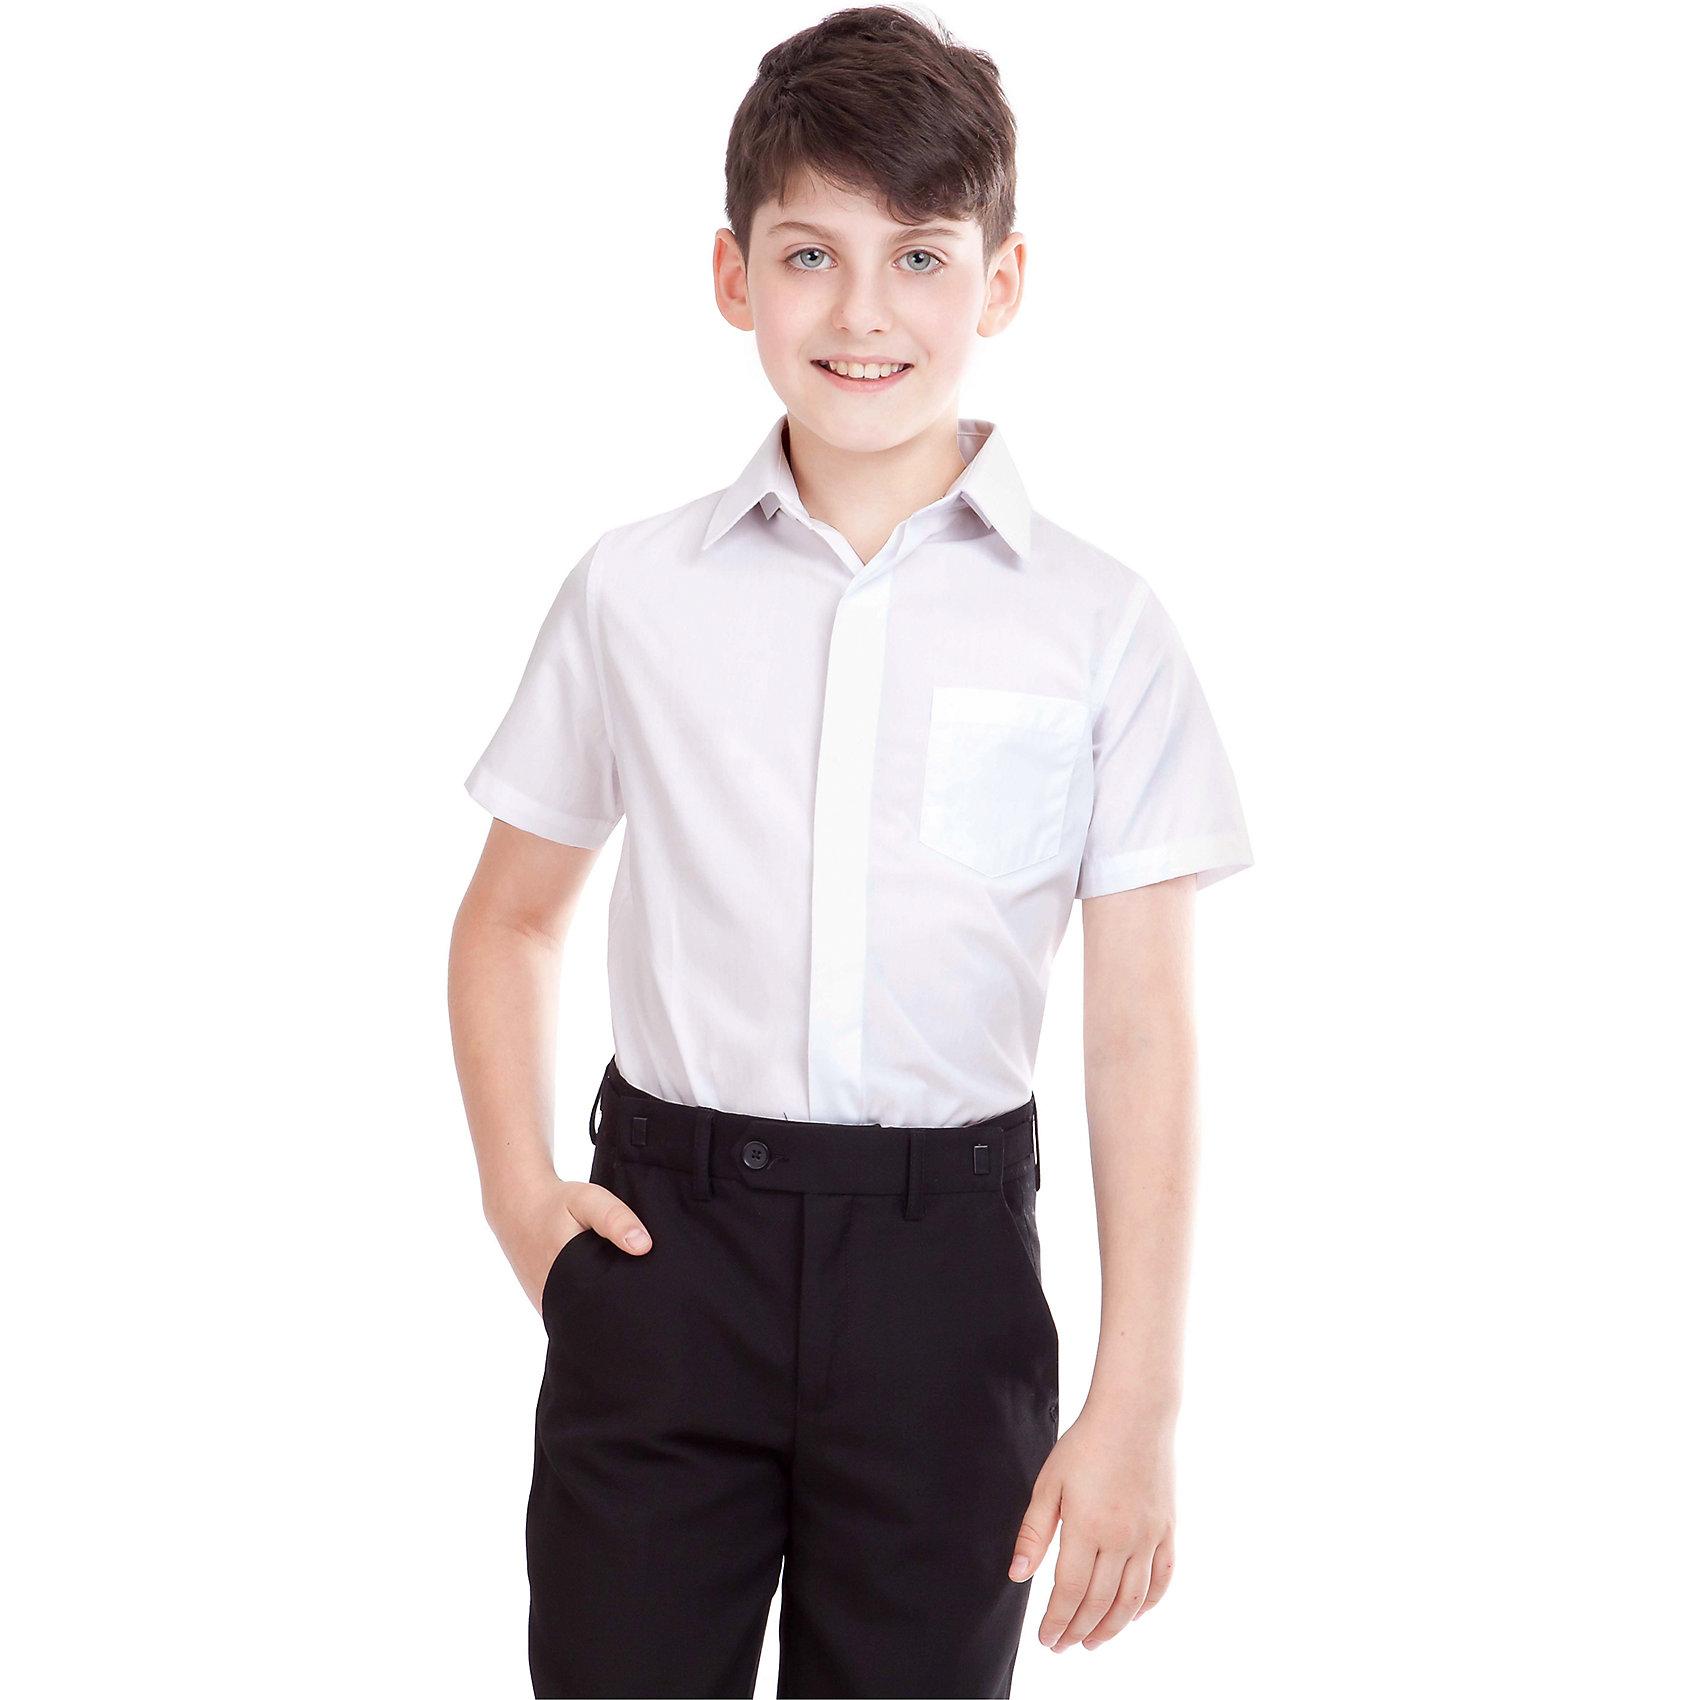 Рубашка для мальчика GulliverБлузки и рубашки<br>Рубашка для мальчика от российского бренда Gulliver.<br>Классическая белая рубашка с коротким рукавом должна быть и в зимнем гардеробе школьника, ведь в школе бывает очень жарко.  Современный крой обеспечивает прекрасную посадку изделия на фигуре.<br>Состав:<br>80%Хлопок 20%Полиэстер<br><br>Ширина мм: 174<br>Глубина мм: 10<br>Высота мм: 169<br>Вес г: 157<br>Цвет: белый<br>Возраст от месяцев: 96<br>Возраст до месяцев: 108<br>Пол: Мужской<br>Возраст: Детский<br>Размер: 134,128,122,164,140,158,152,146<br>SKU: 4174550